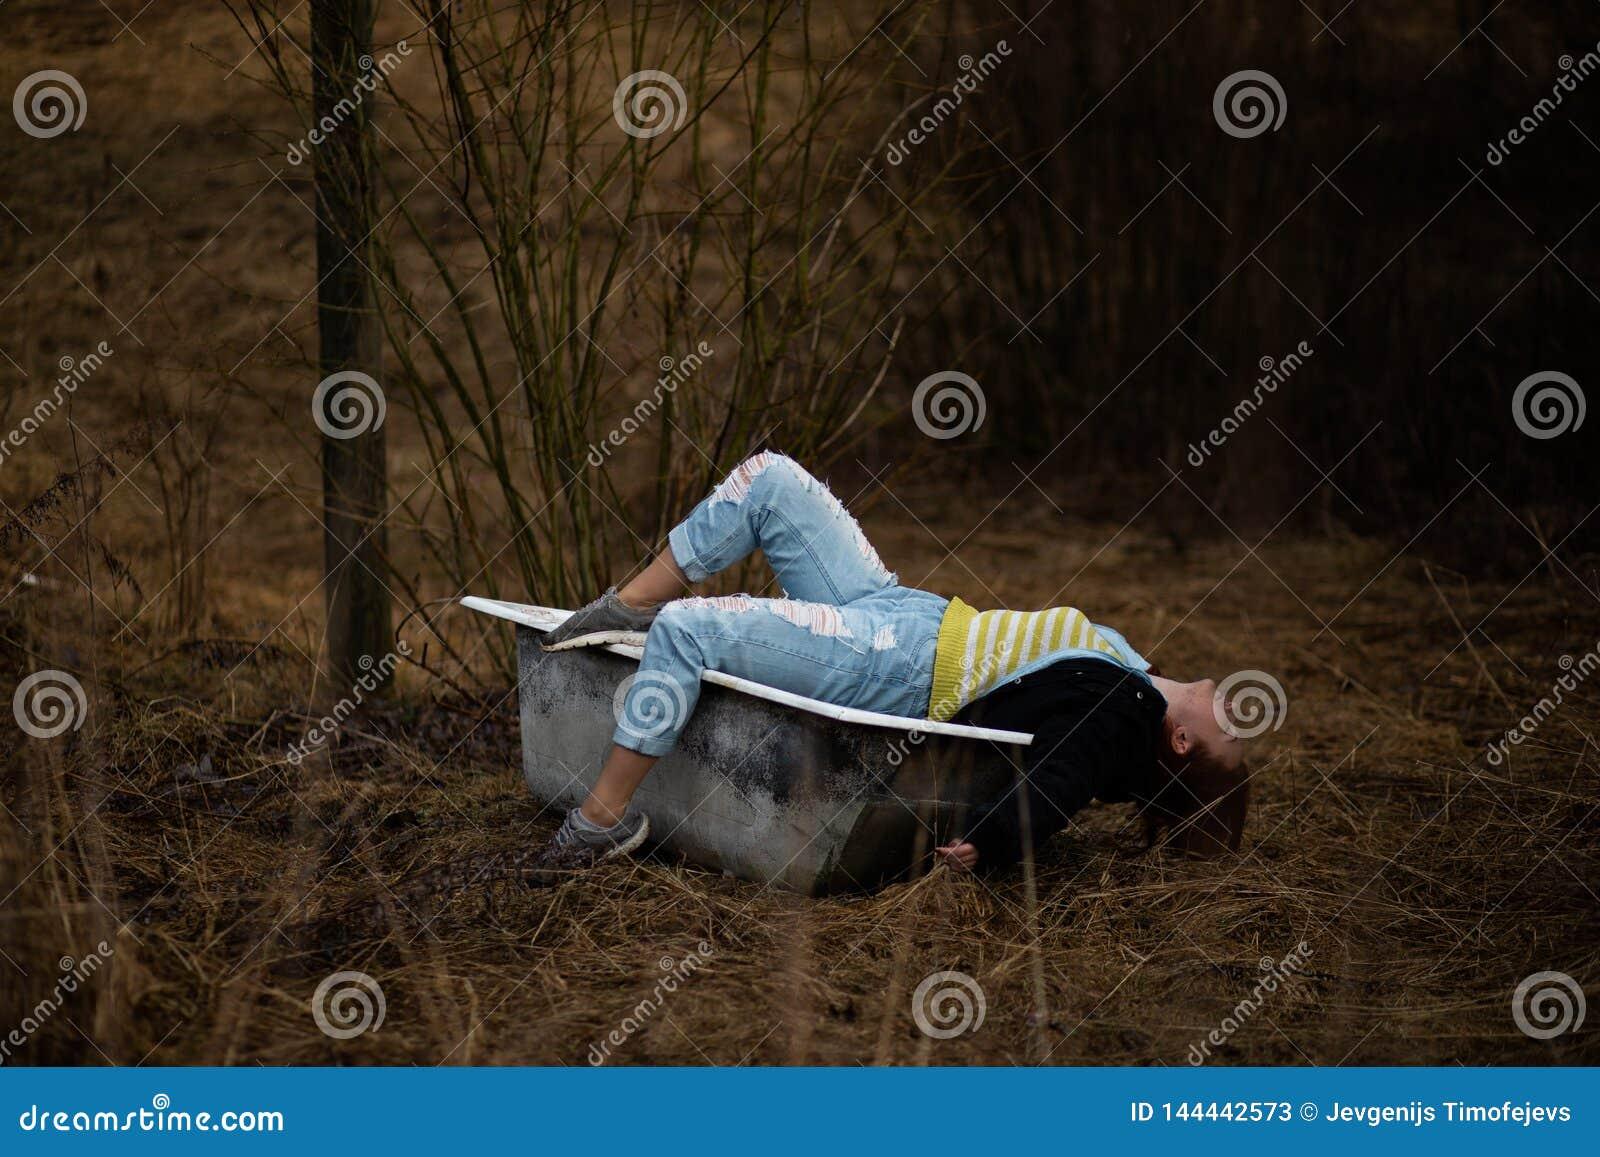 Η νέα γυναίκα στα ενδύματα παίρνει ένα κενό παλαιό λουτρό στη μέση ενός δάσους